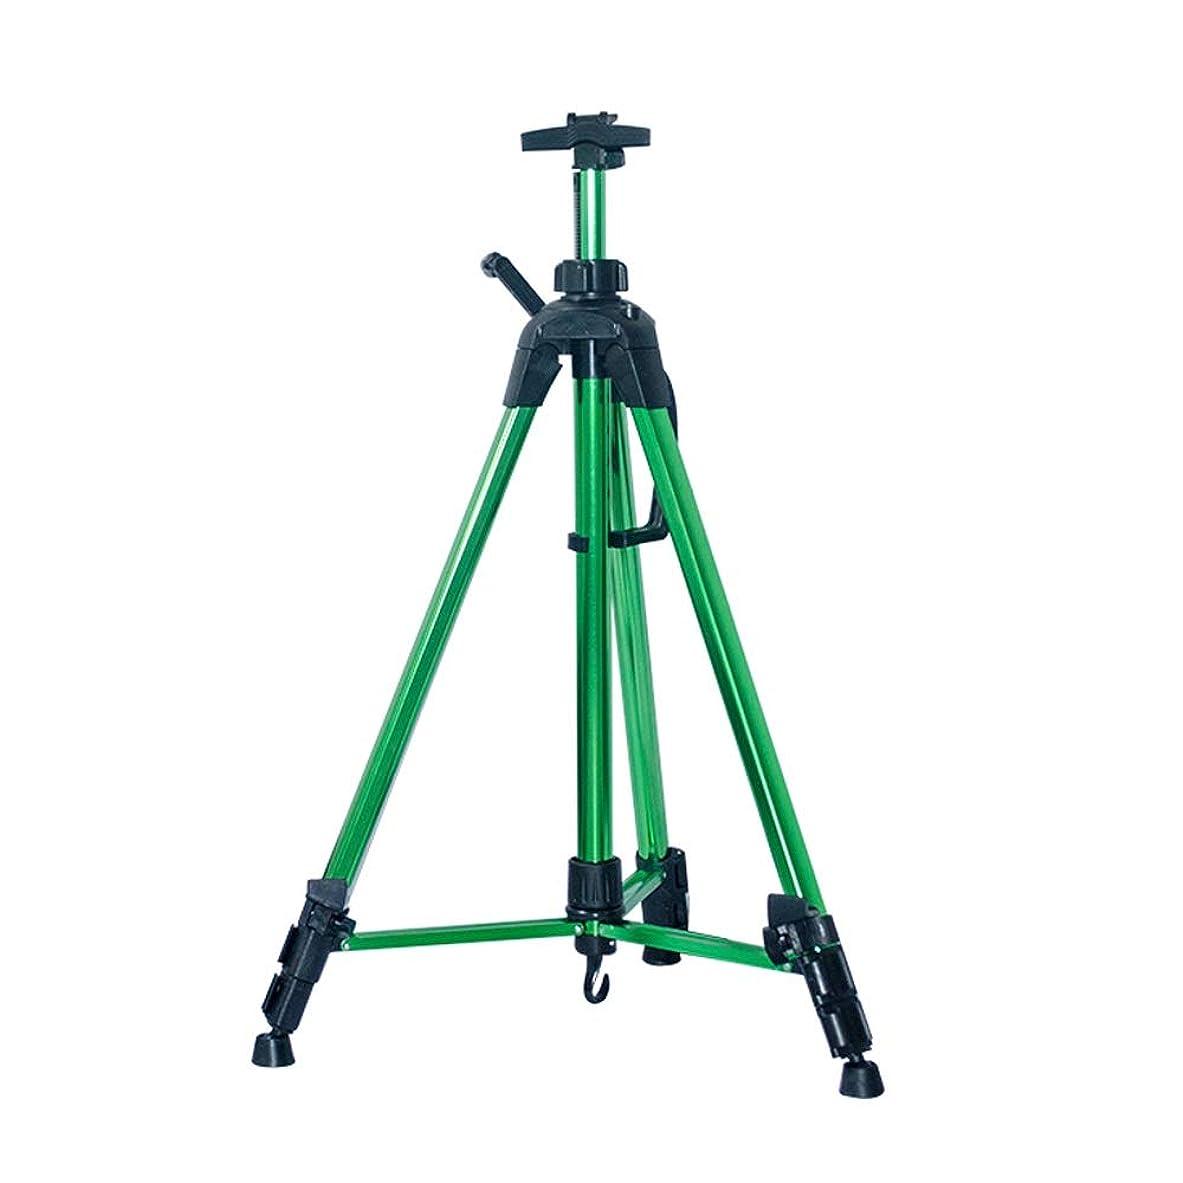 アラート余裕がある脆いイーゼル イーゼルハンドクランクアルミ合金ディスプレイイーゼル格納式折りたたみ油絵広告表示三角形ブラケット (Color : Green)